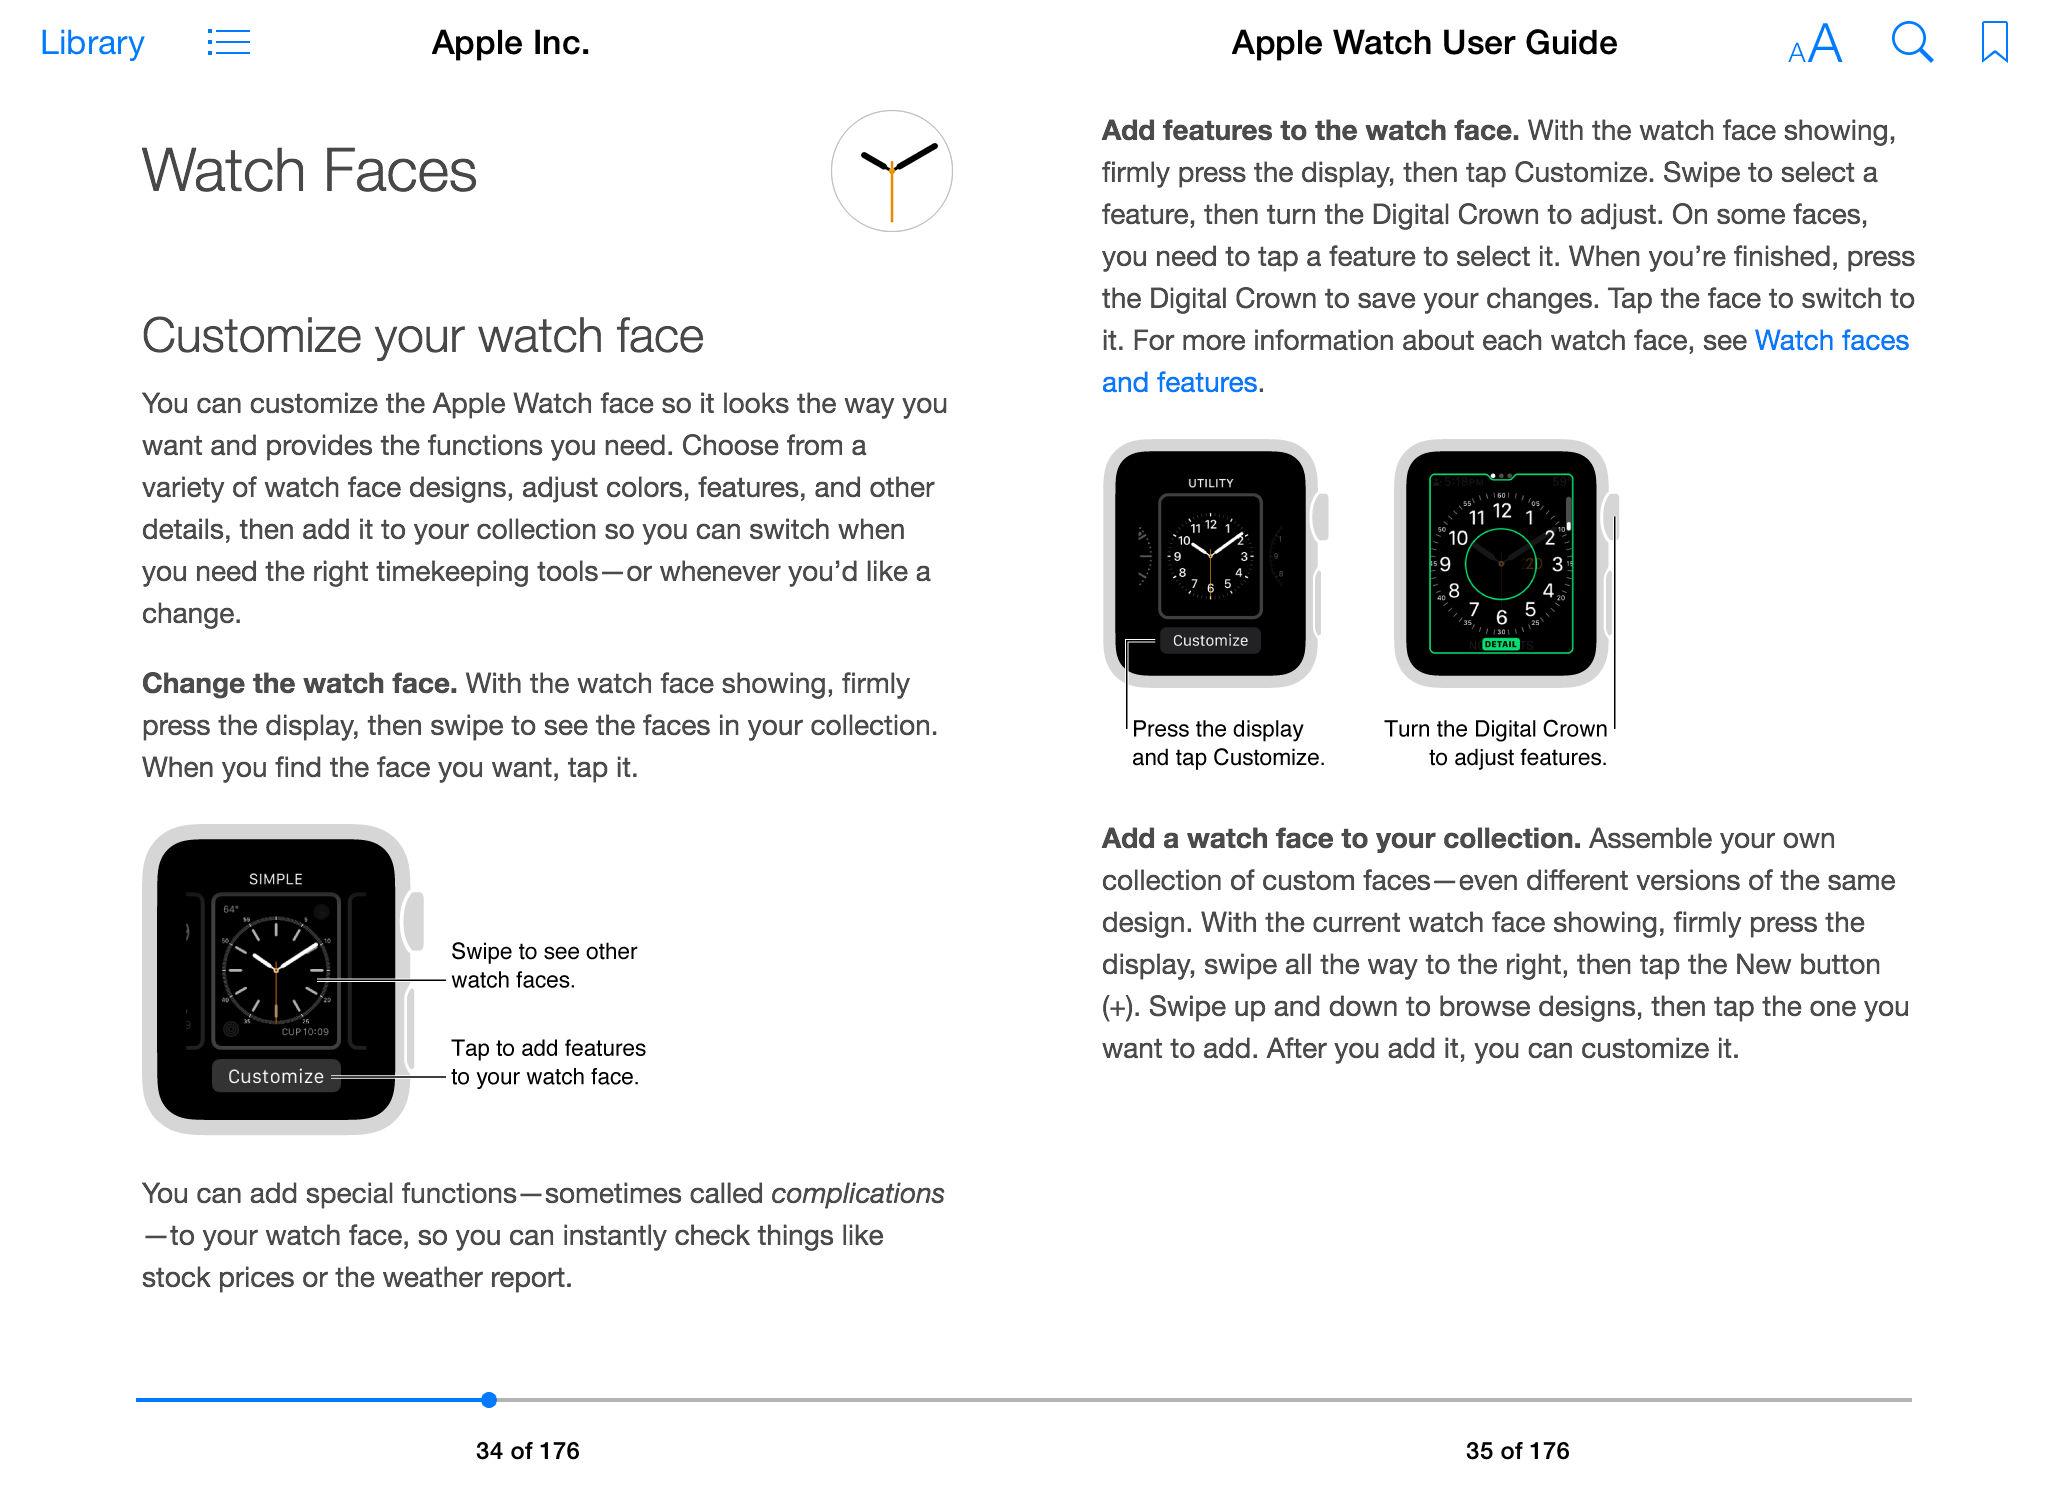 Apple Seguir Guía del usuario iBook pantalla 002